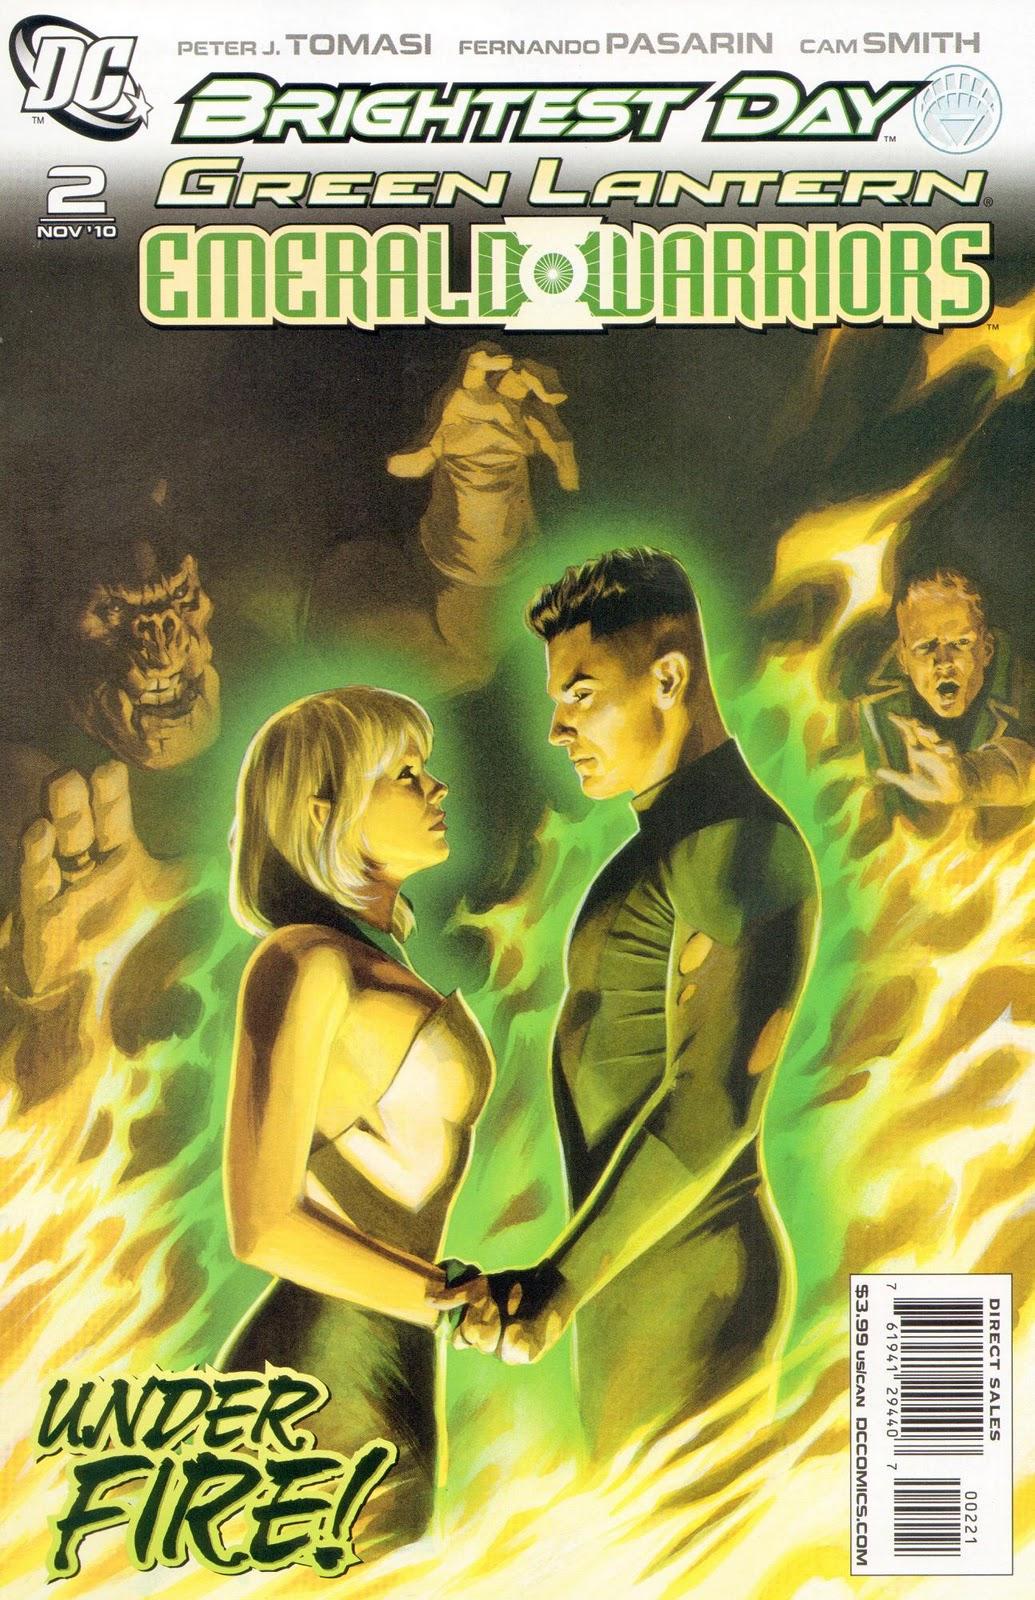 el iconocronos green lantern corps guerreros esmeralda